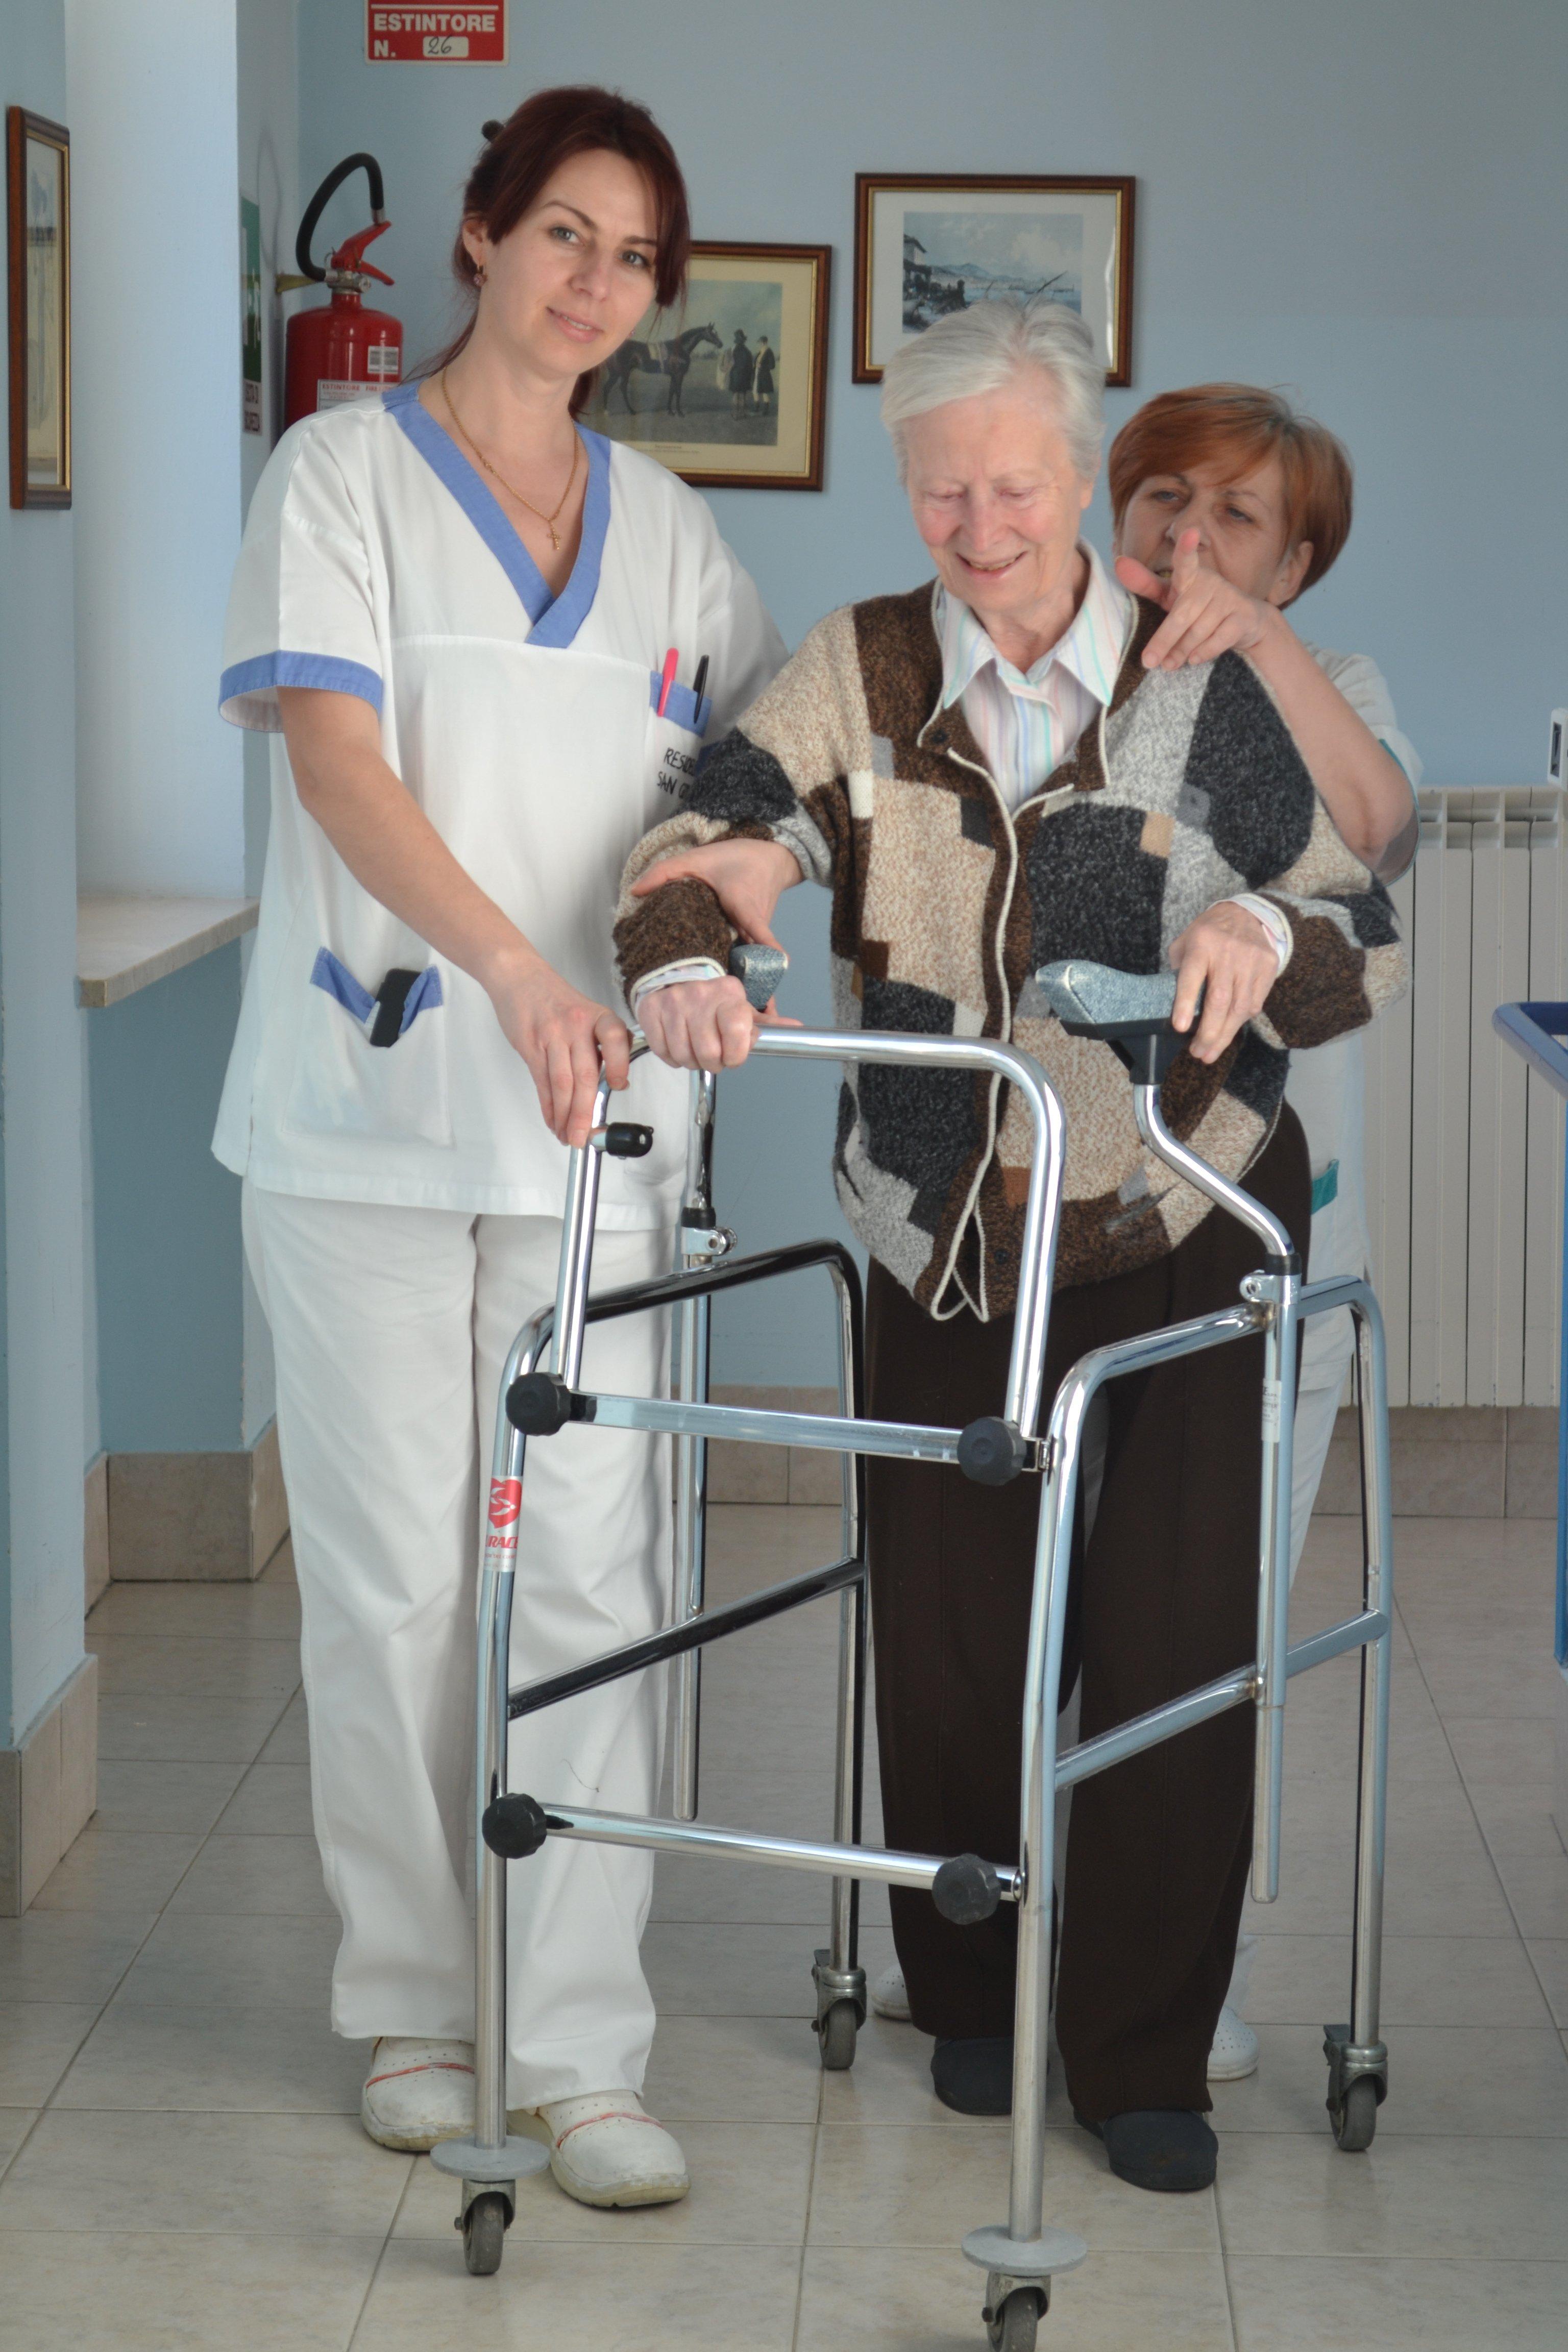 persona anziana assistita da due infermiere per fare attività motoria